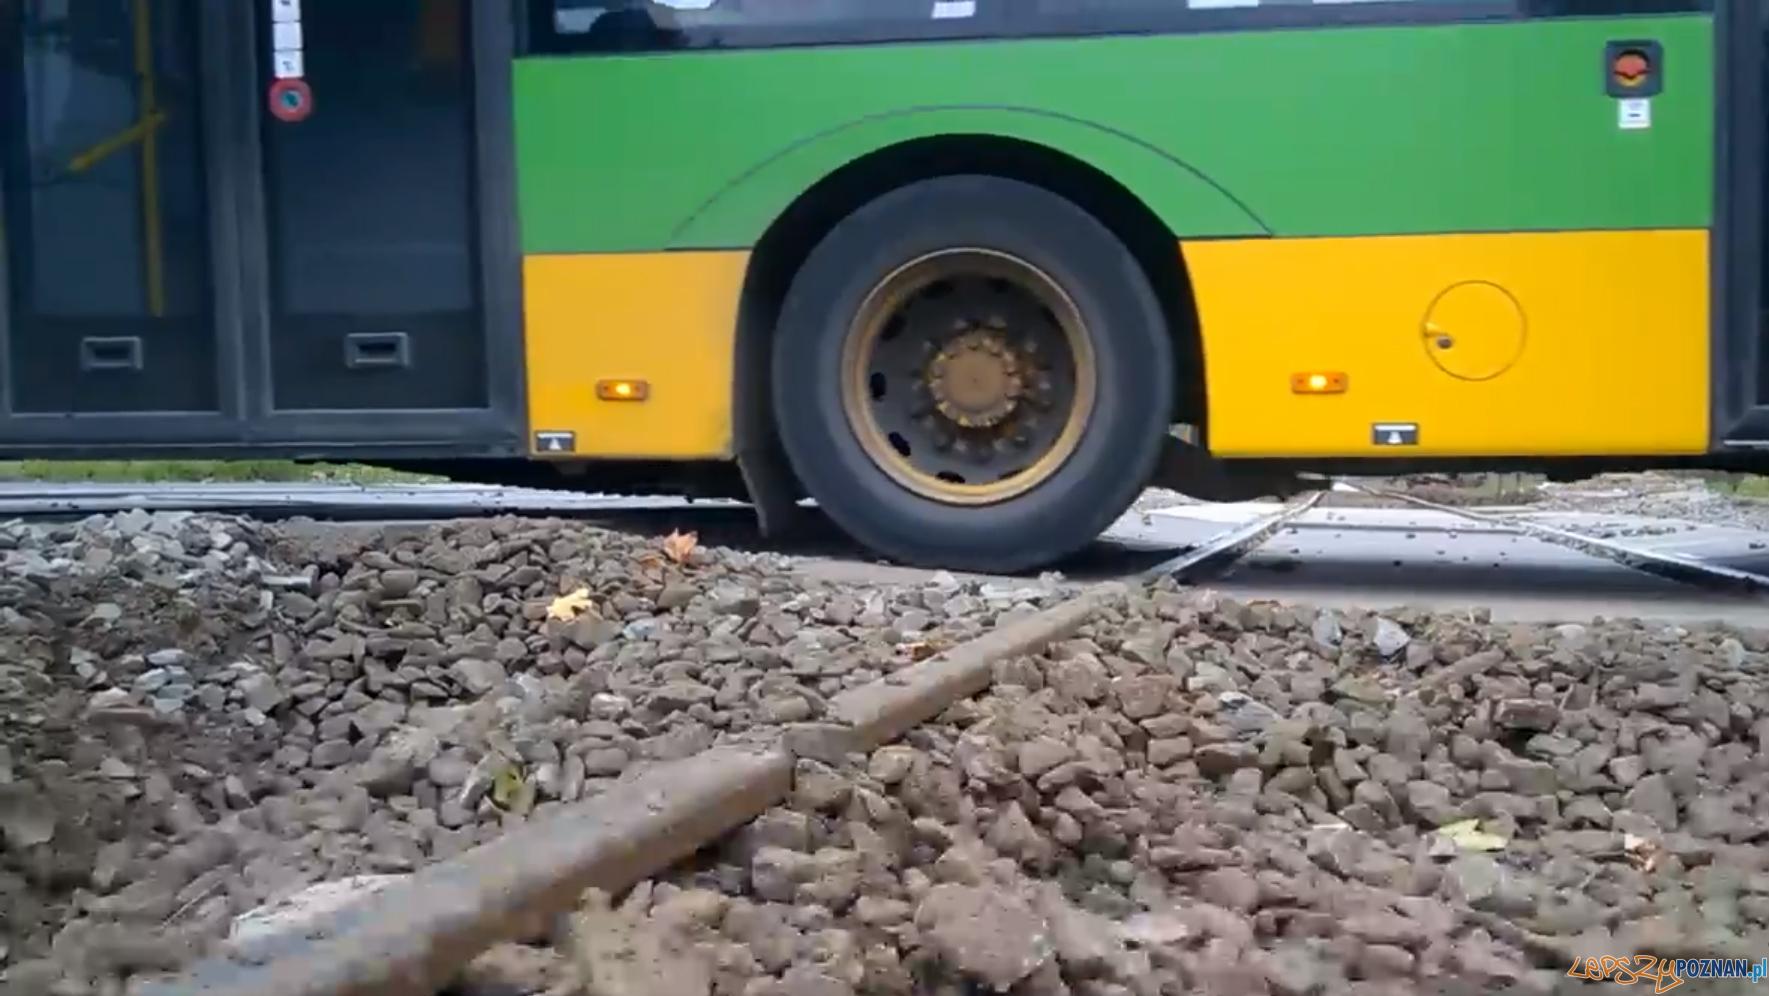 Przejazd kolejowy - po remoncie jest jeszcze gorzej!  Foto: twitter / Maciej Szefer